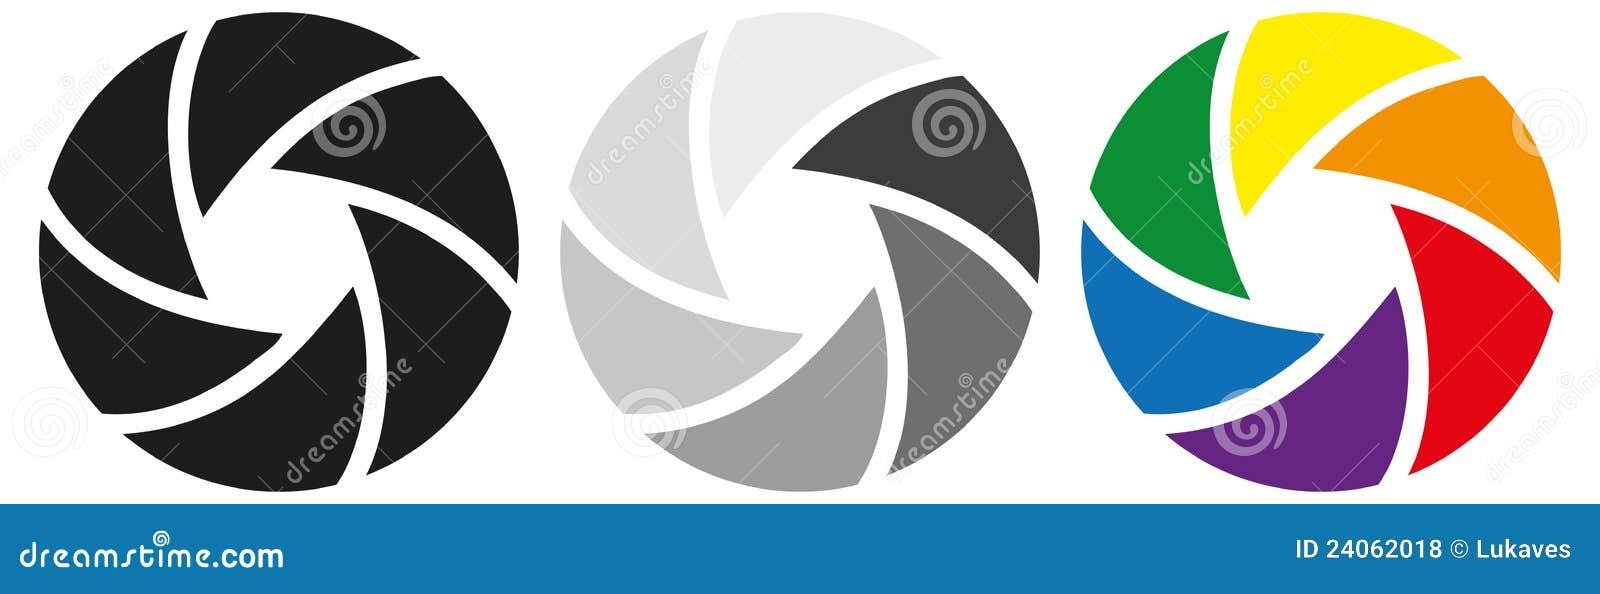 Diafragma ilustración del vector. Ilustración de stylization - 24062018